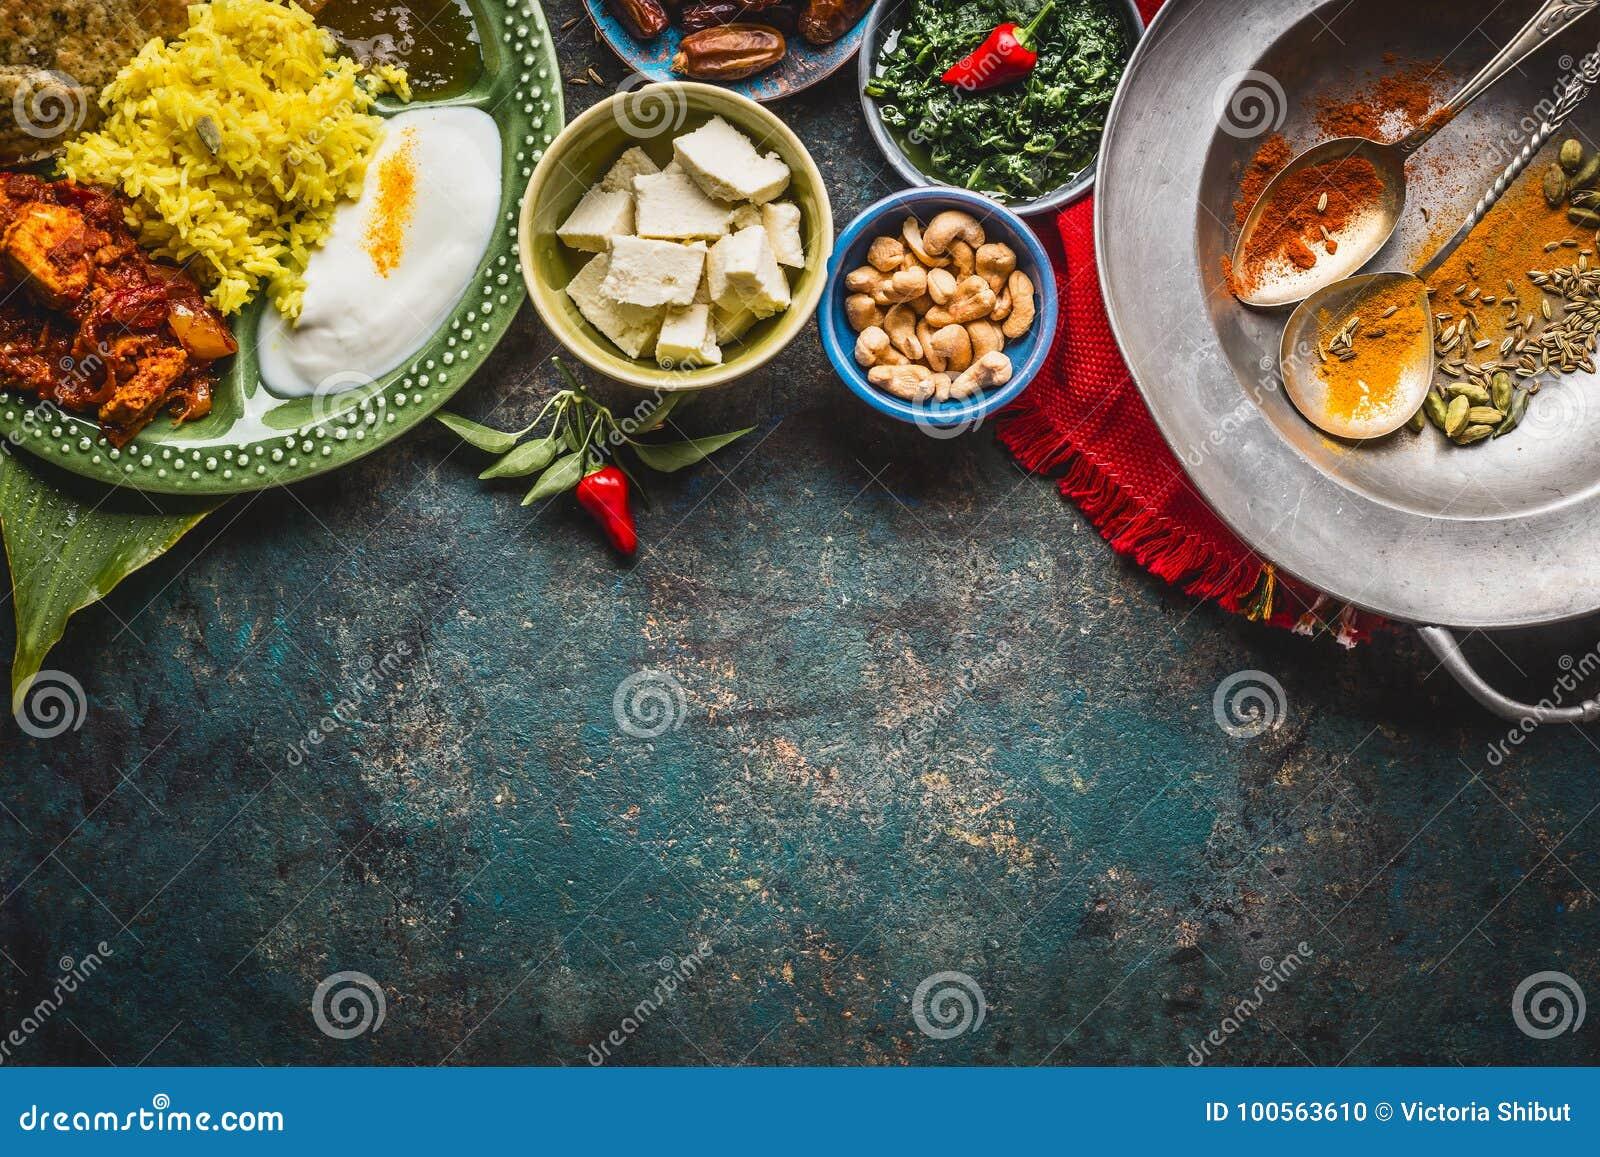 Olika indiska matskålar med curry, yoghurt, ris, bröd, höna, chutney, paneerost och kryddor på mörk lantlig bakgrund, till